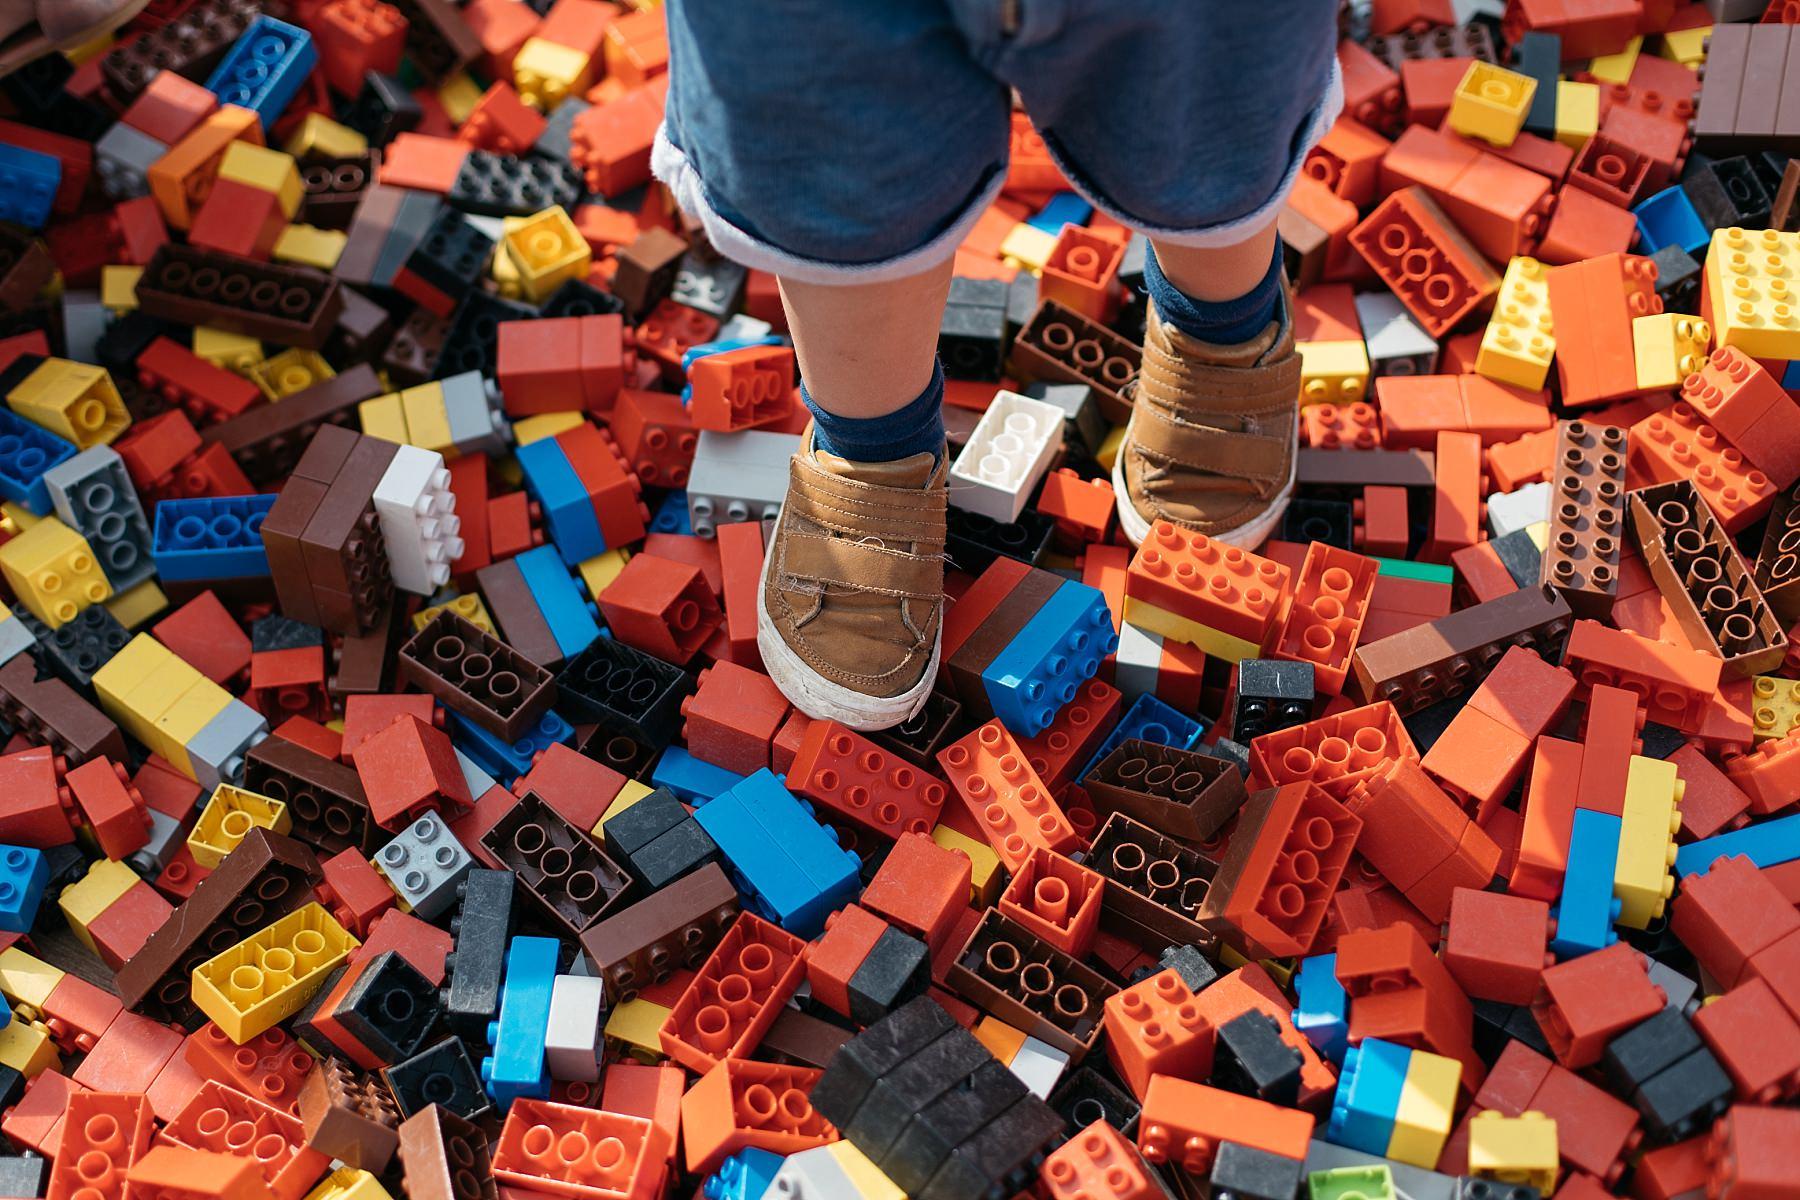 Legoland - 57 millions de briques Lego 52